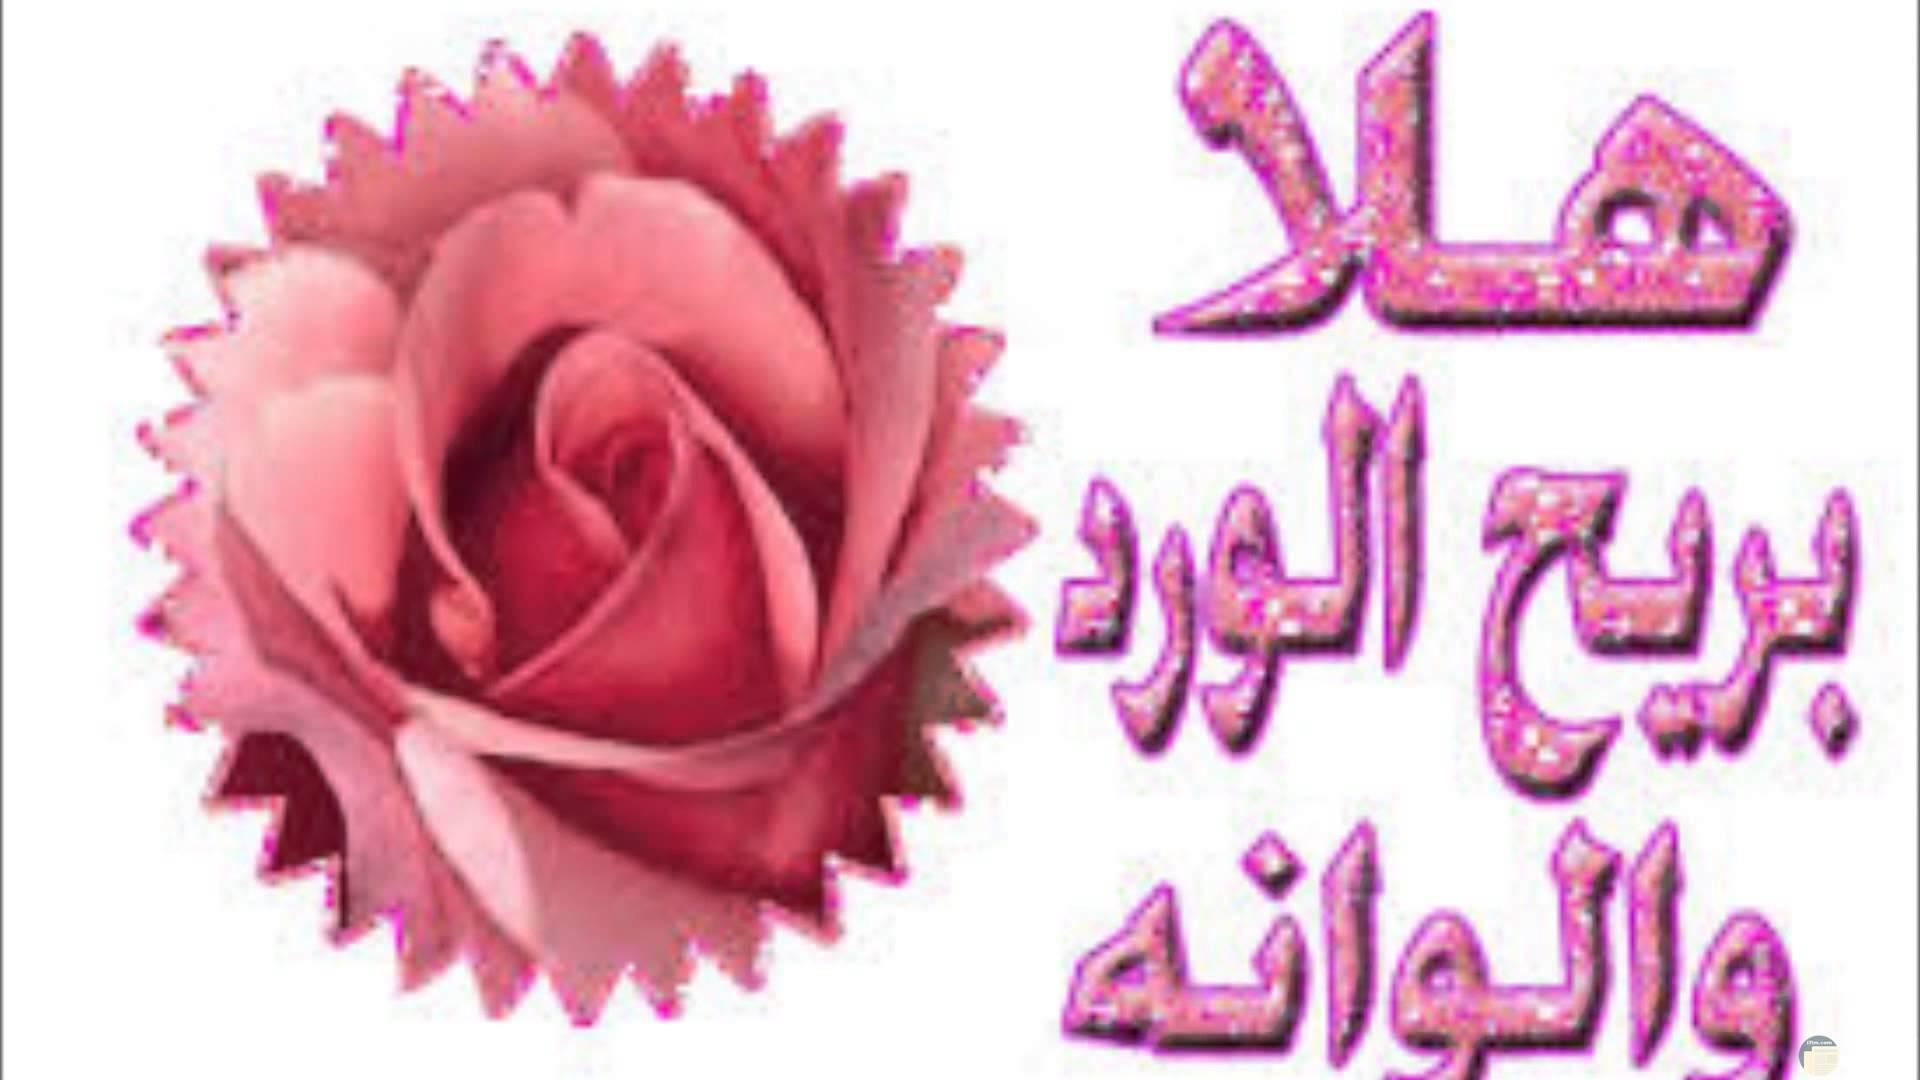 صورة بها وردة ومدونه بعبارات ترحيب